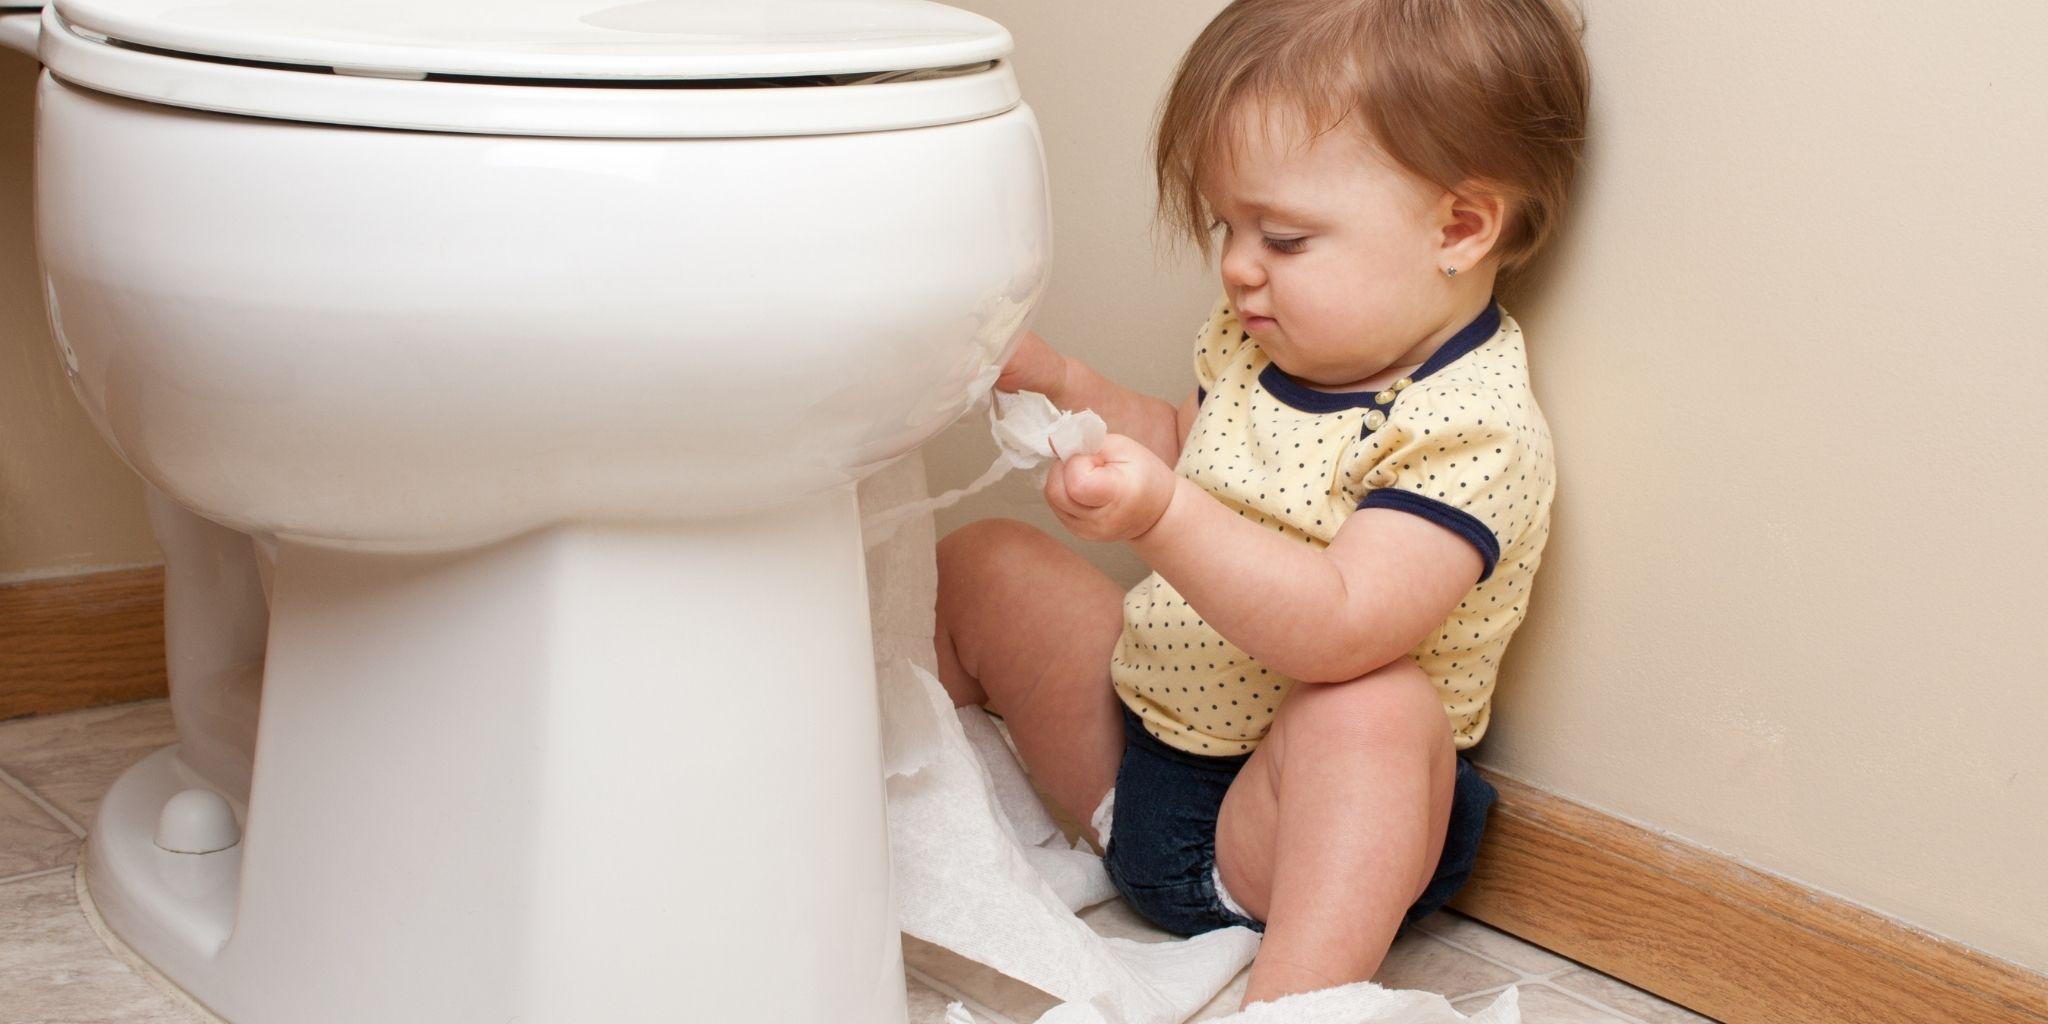 Come aiutare tuo figlio a usare il vasino